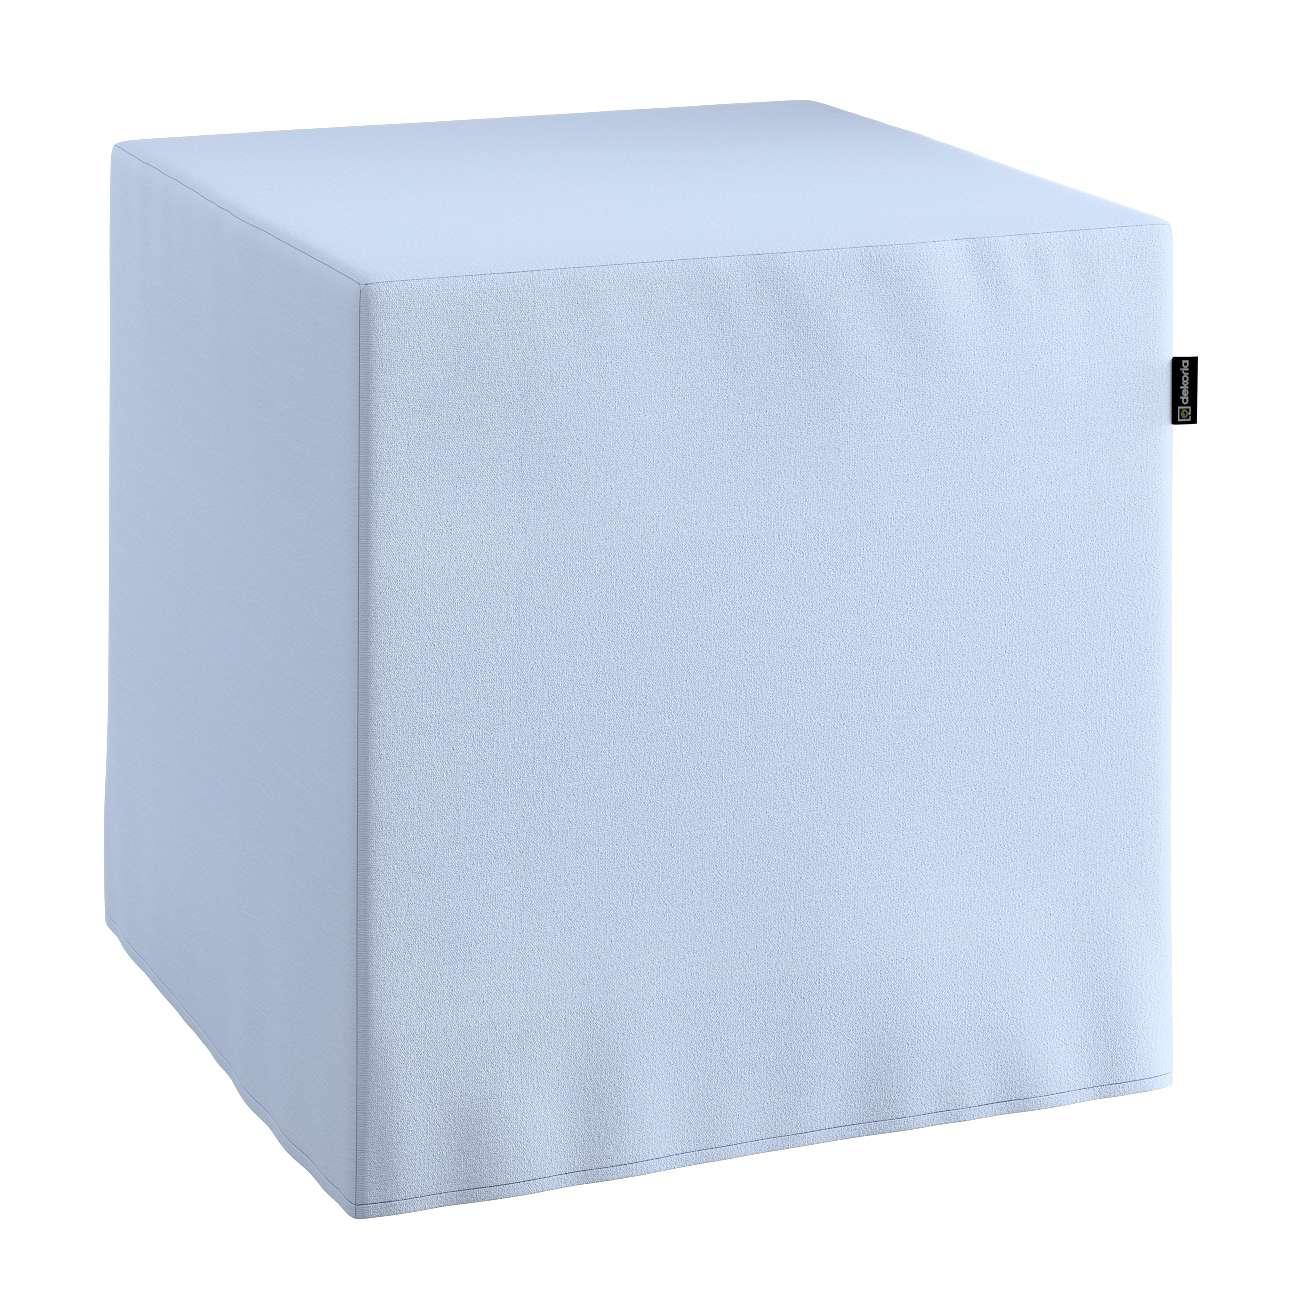 Harter Sitzwürfel 40 x 40 x 40 cm von der Kollektion Loneta, Stoff: 133-35